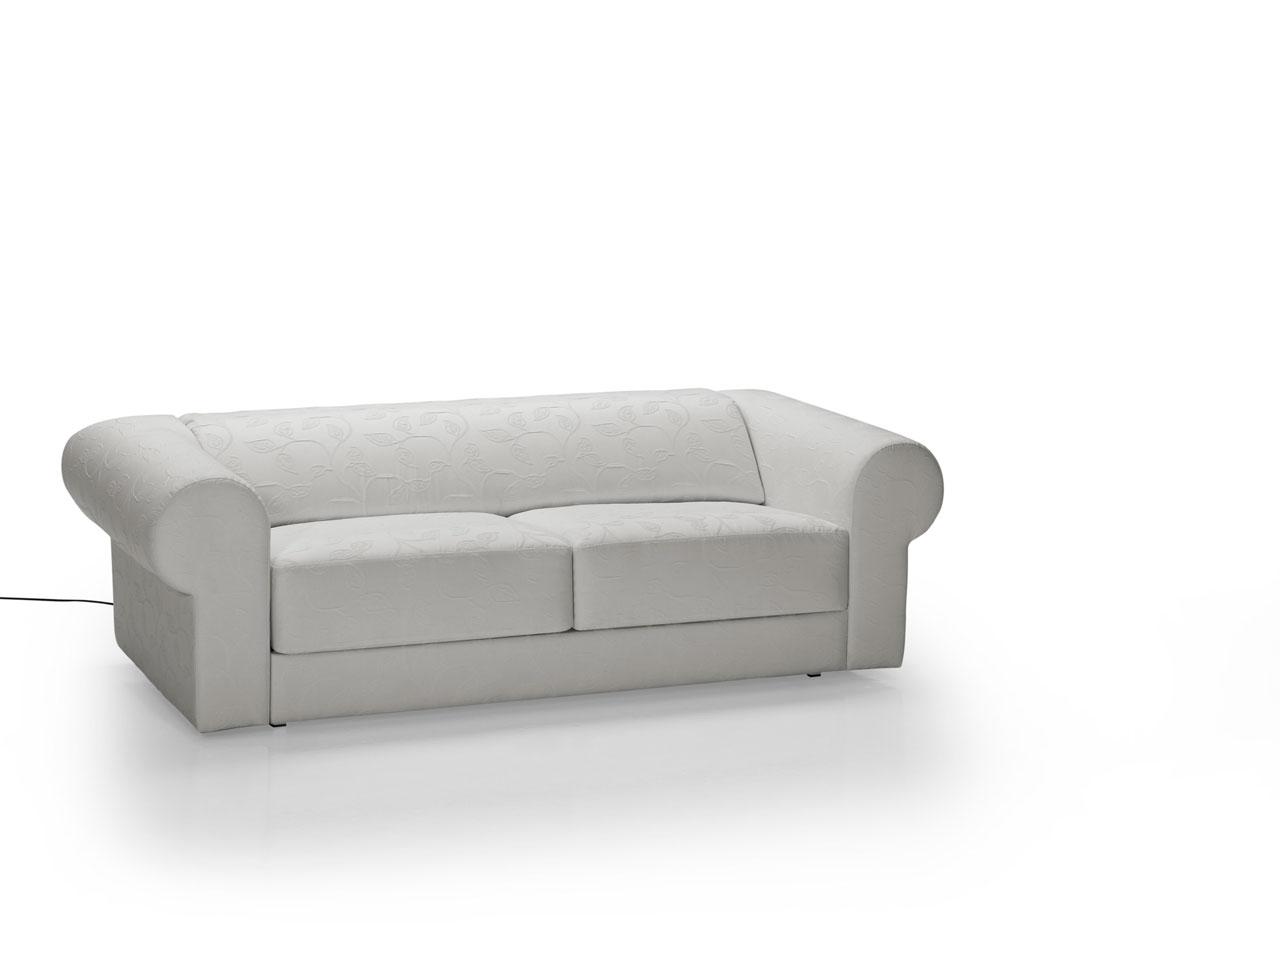 Comprar cama nido sofa online tienda online de sof s for Sofa cama nido 1 plaza